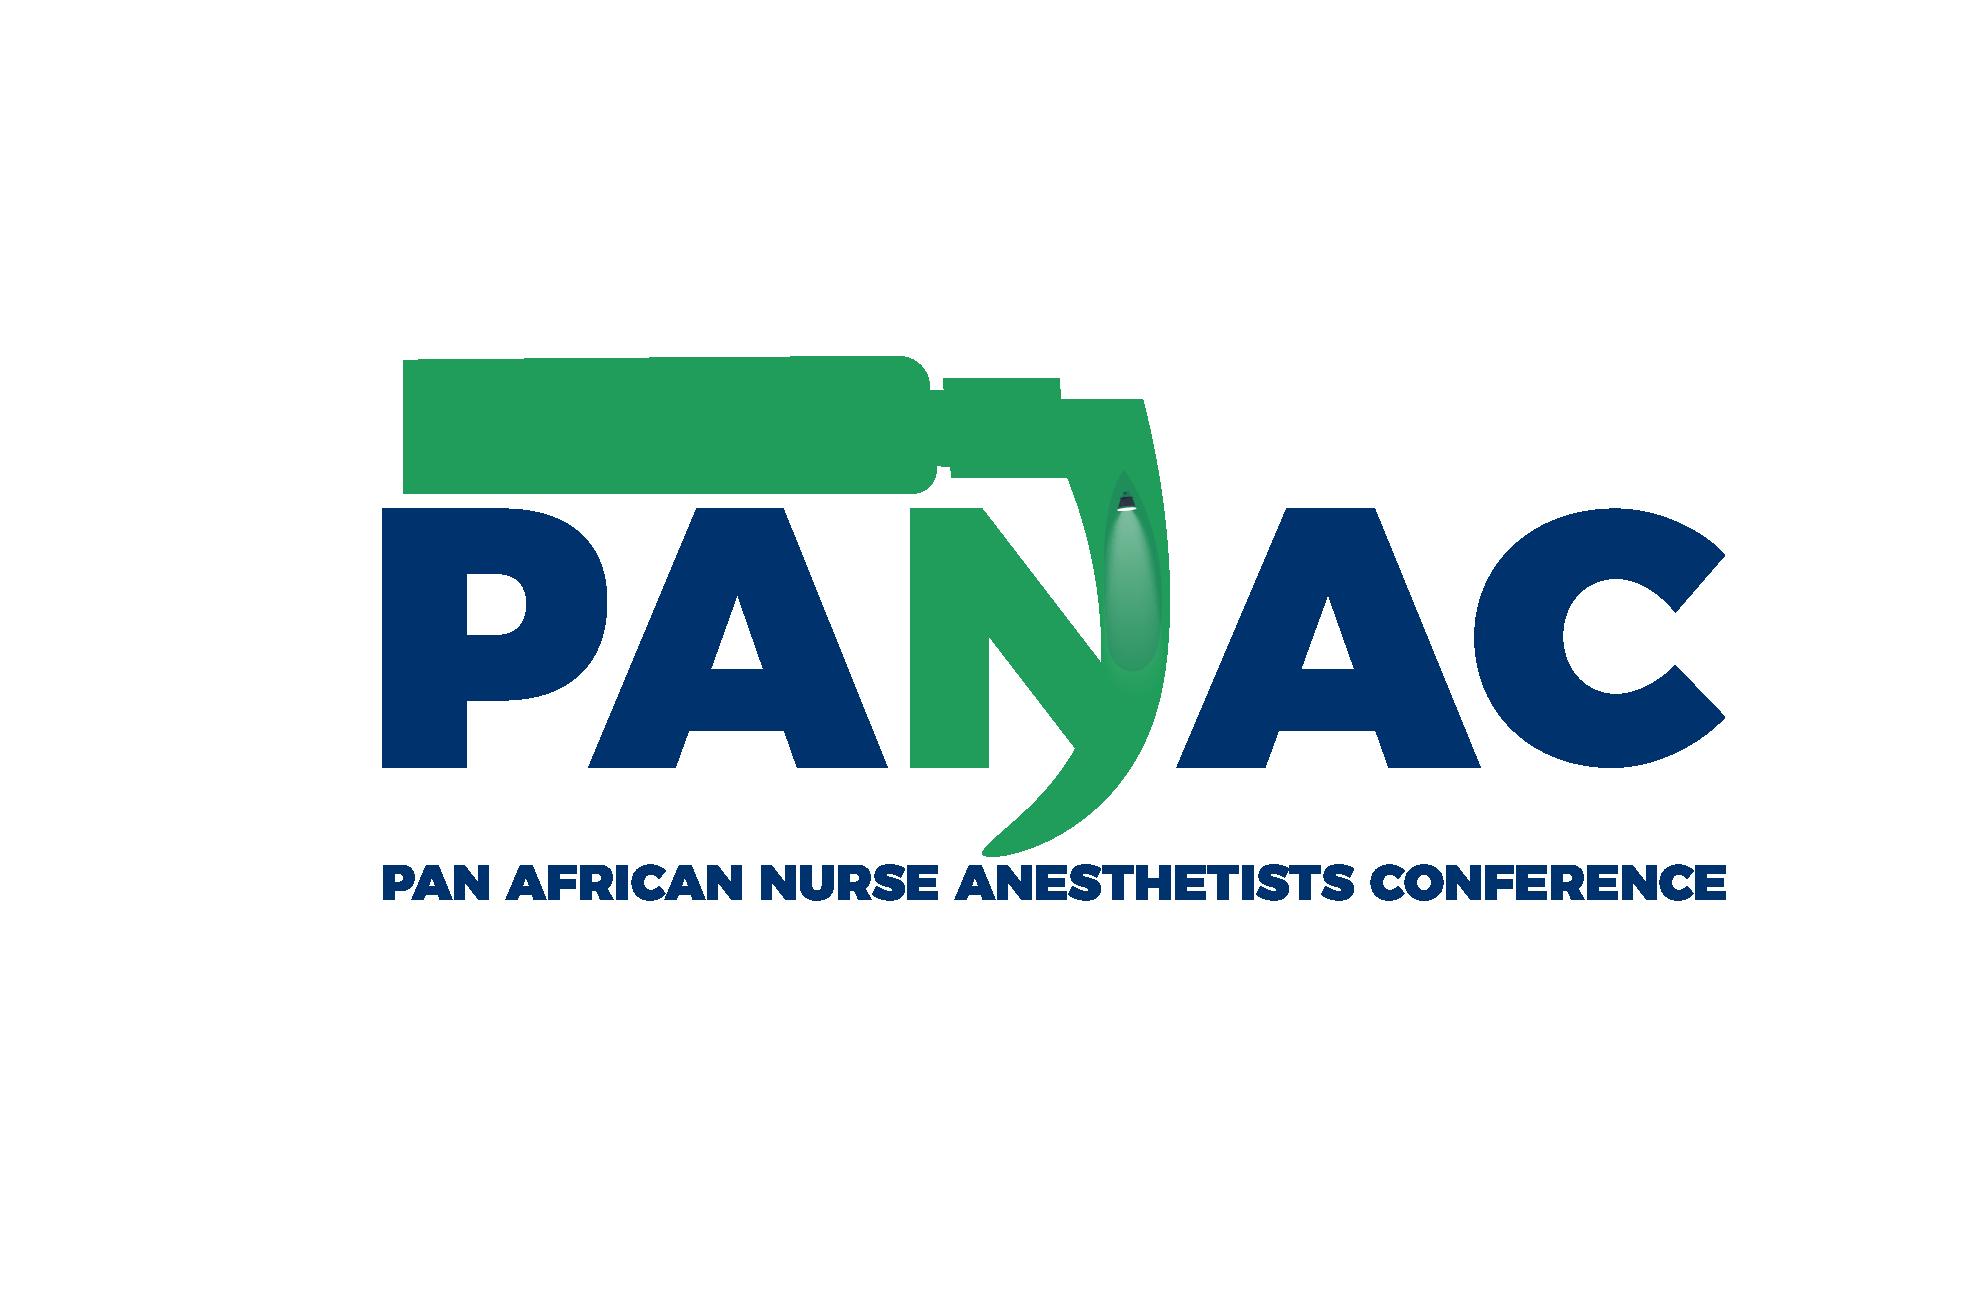 PANAC LOGO-01